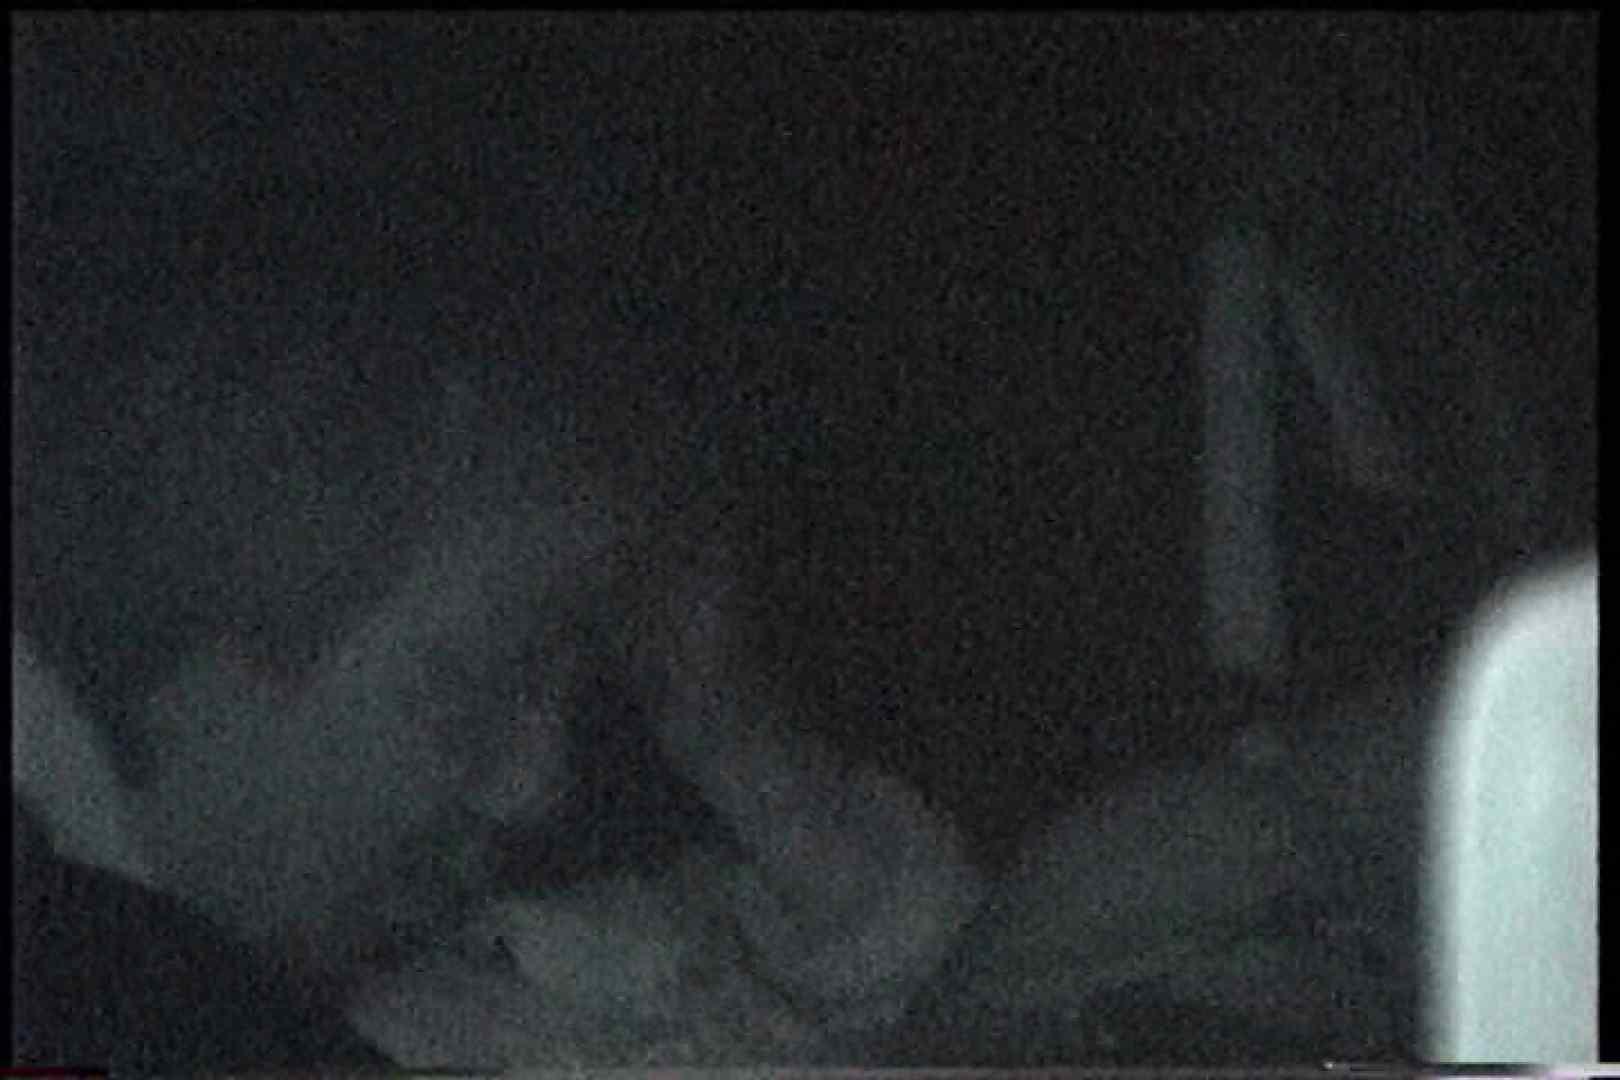 充血監督の深夜の運動会Vol.199 おまんこ おまんこ無修正動画無料 77pic 11